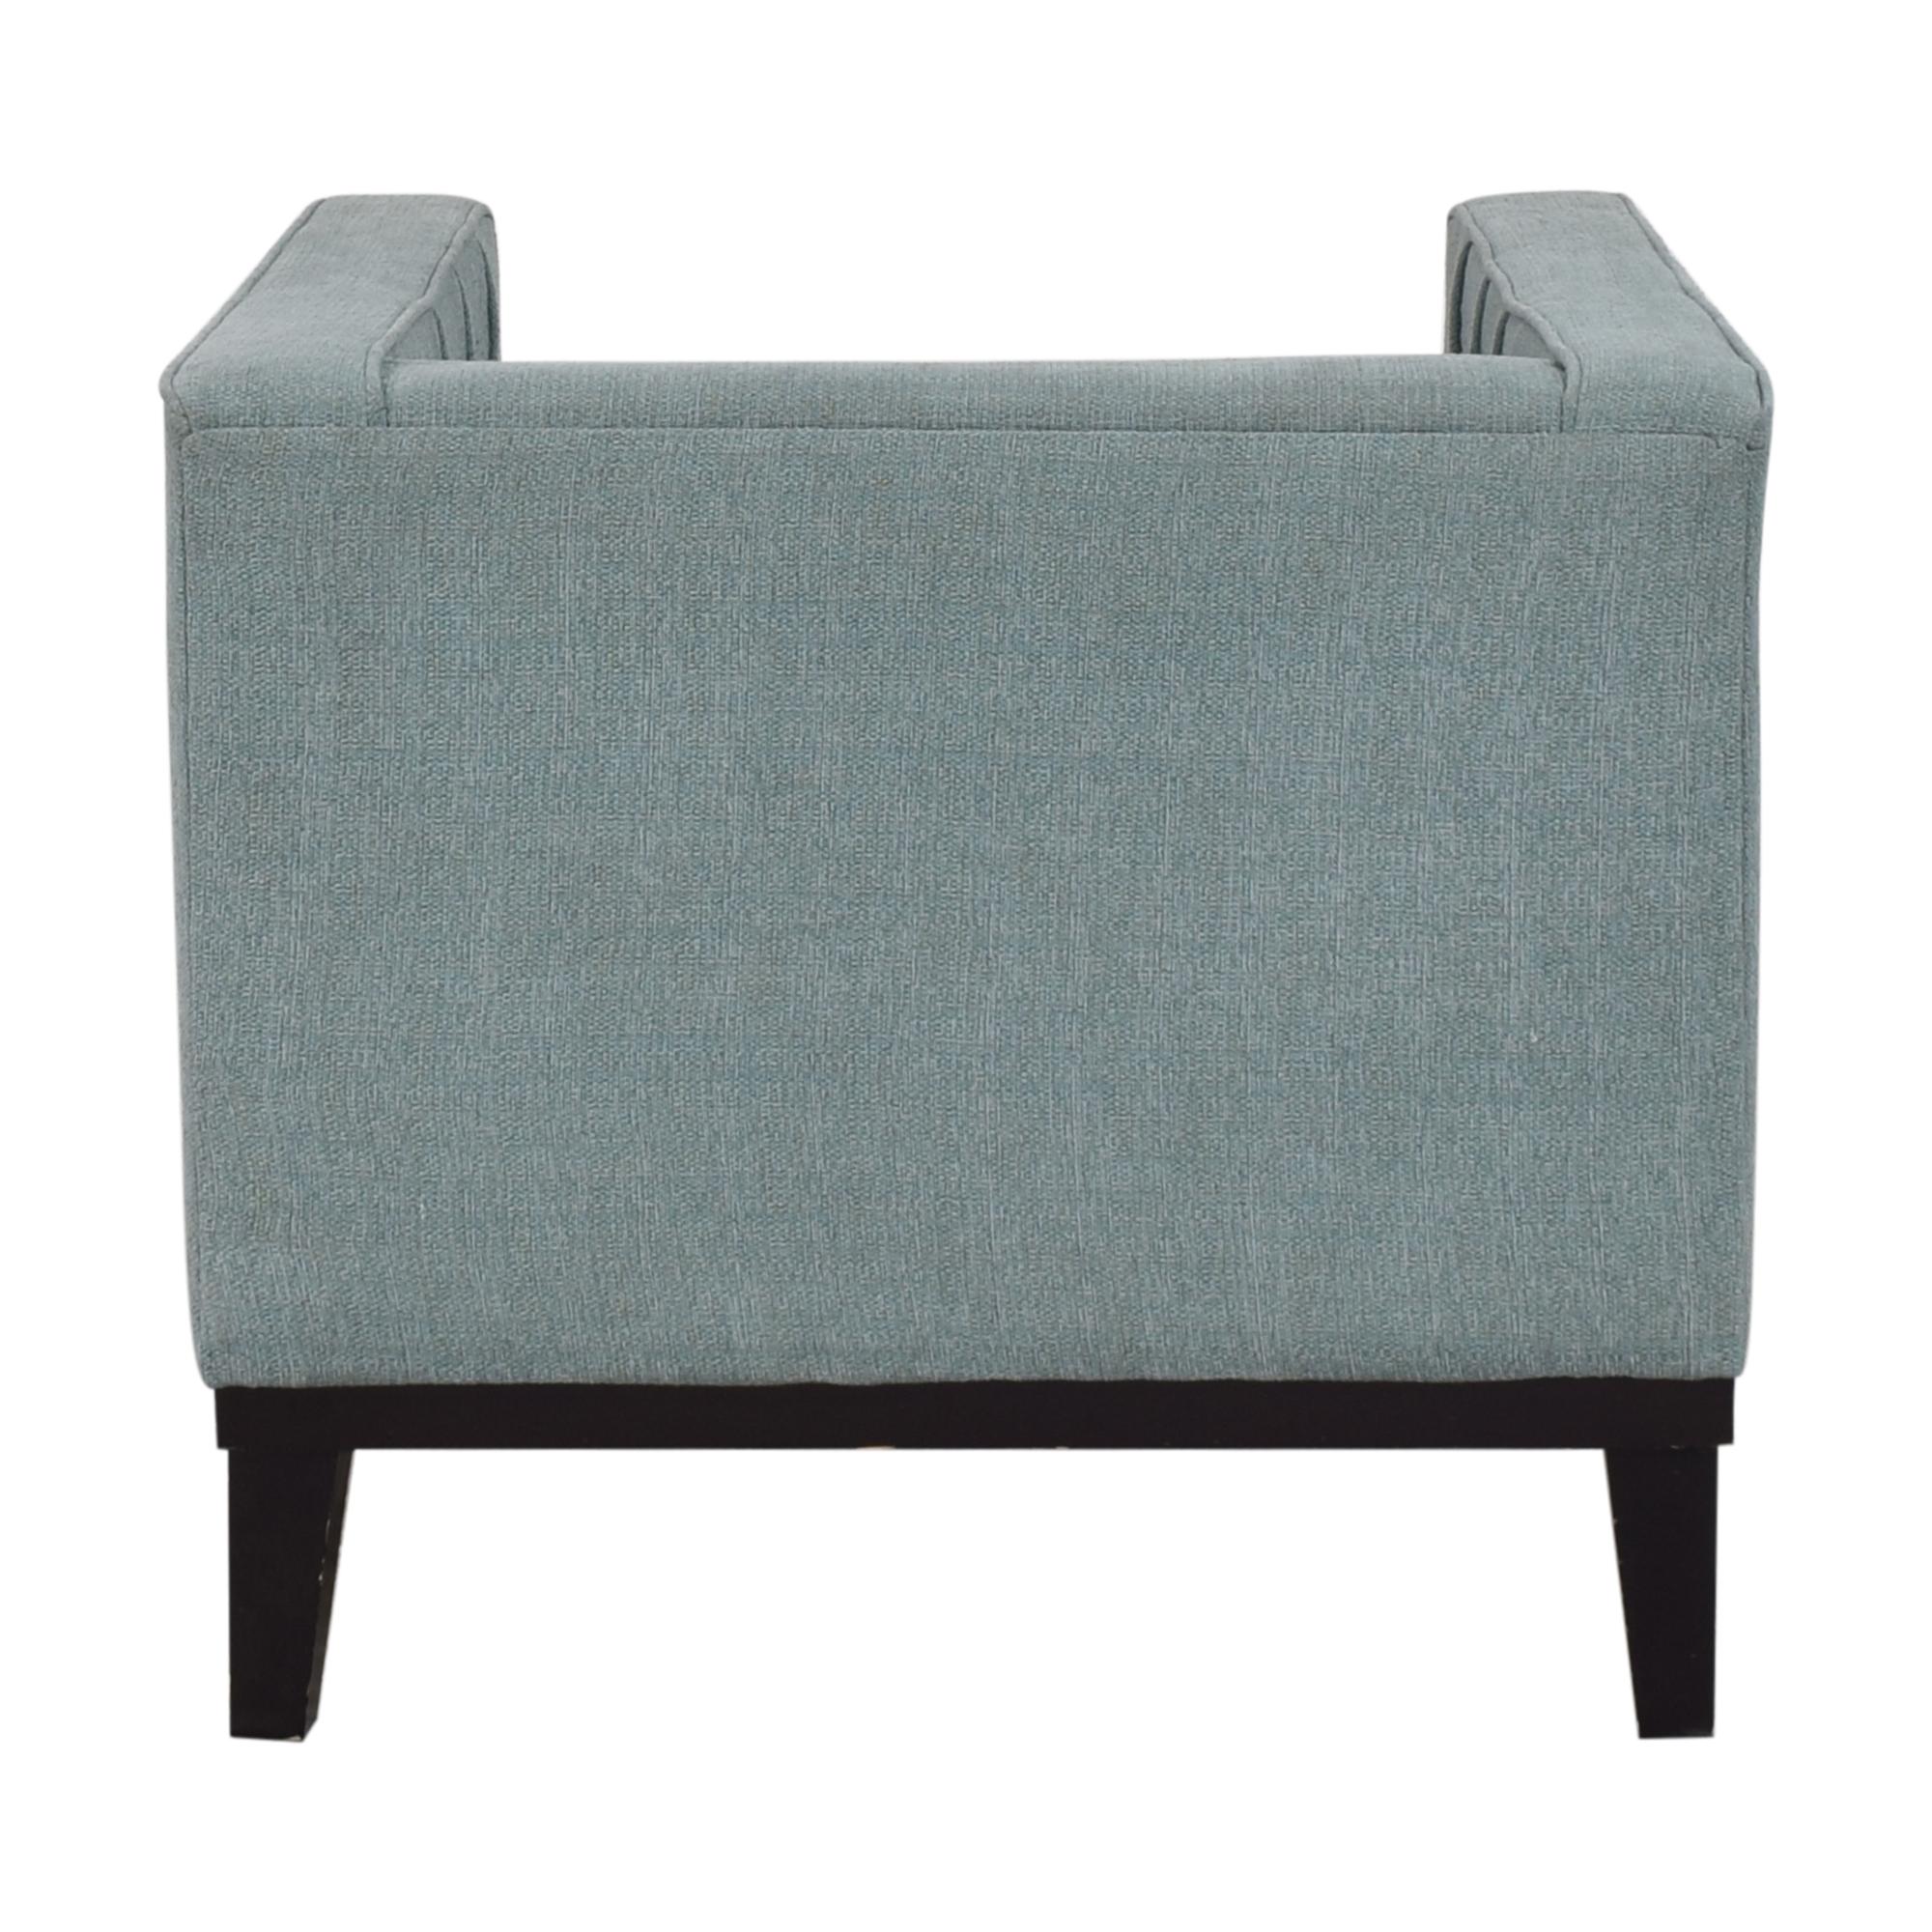 Armen Living Club Chair sale